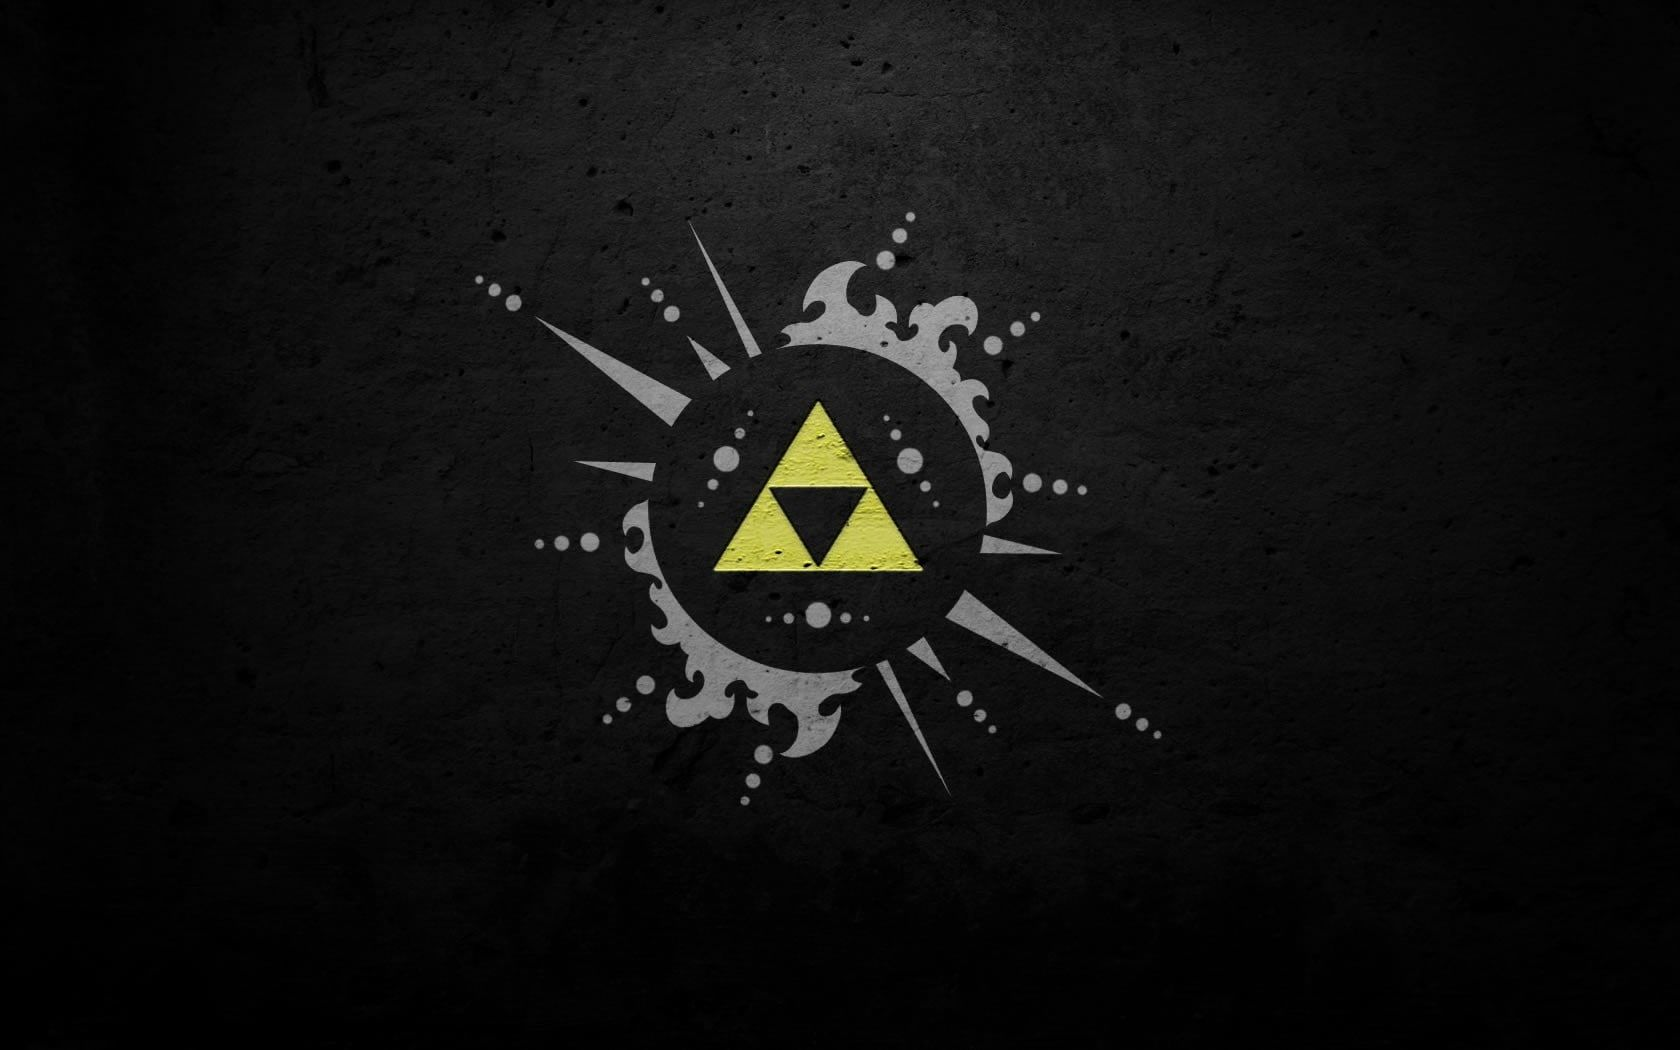 Yellow Triangle Wallpaper The Legend Of Zelda Triforce 720p Wallpaper Hdwallpaper Desktop Zelda Hd Legend Of Zelda Zelda Tattoo